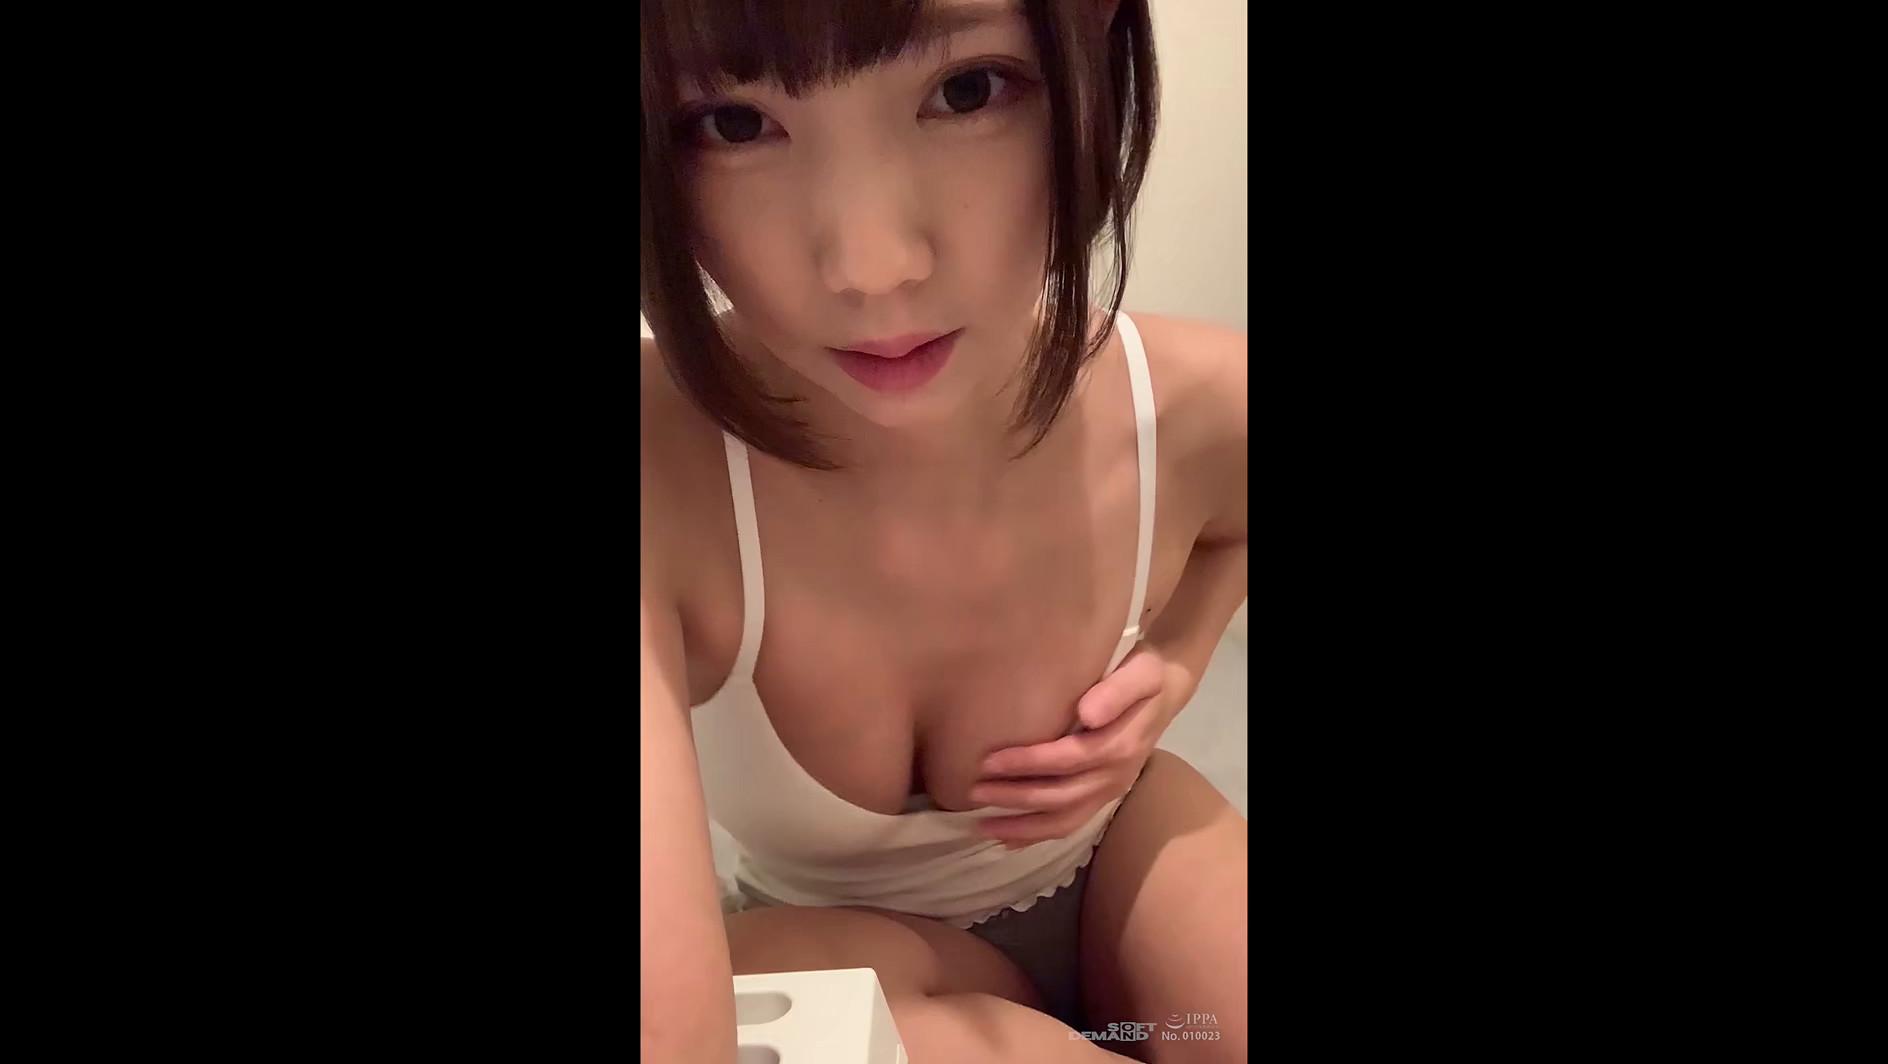 ビデオ通話エッチ JOI みう 【縦動画】 画像2